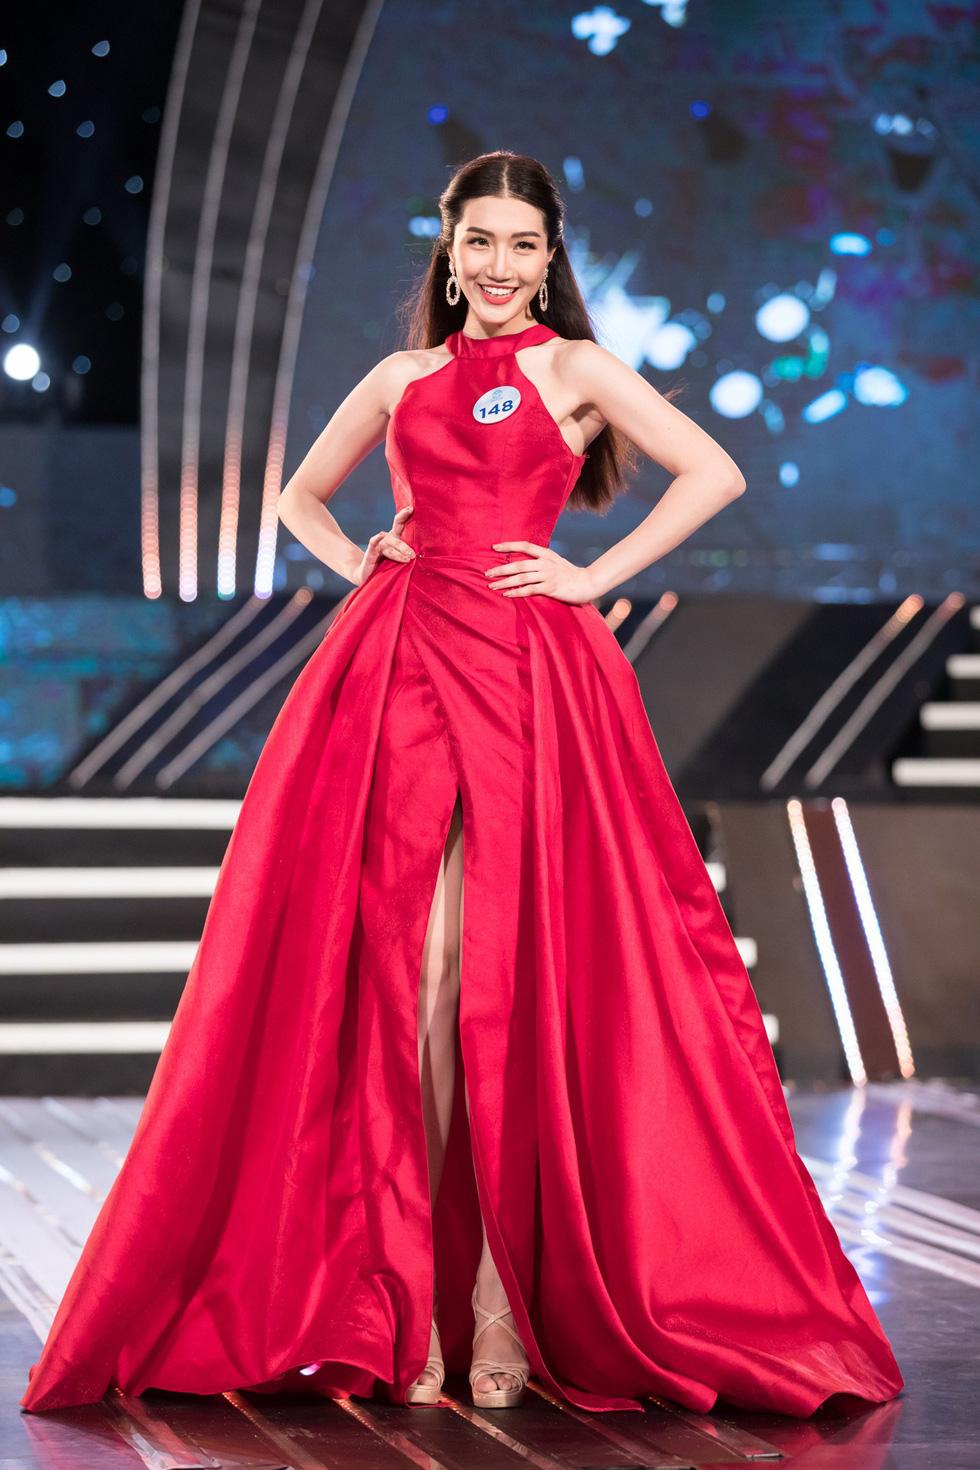 Nhan sắc 20 thí sinh đẹp nhất phía Bắc vào chung kết Miss World Việt Nam 2019 - Ảnh 17.